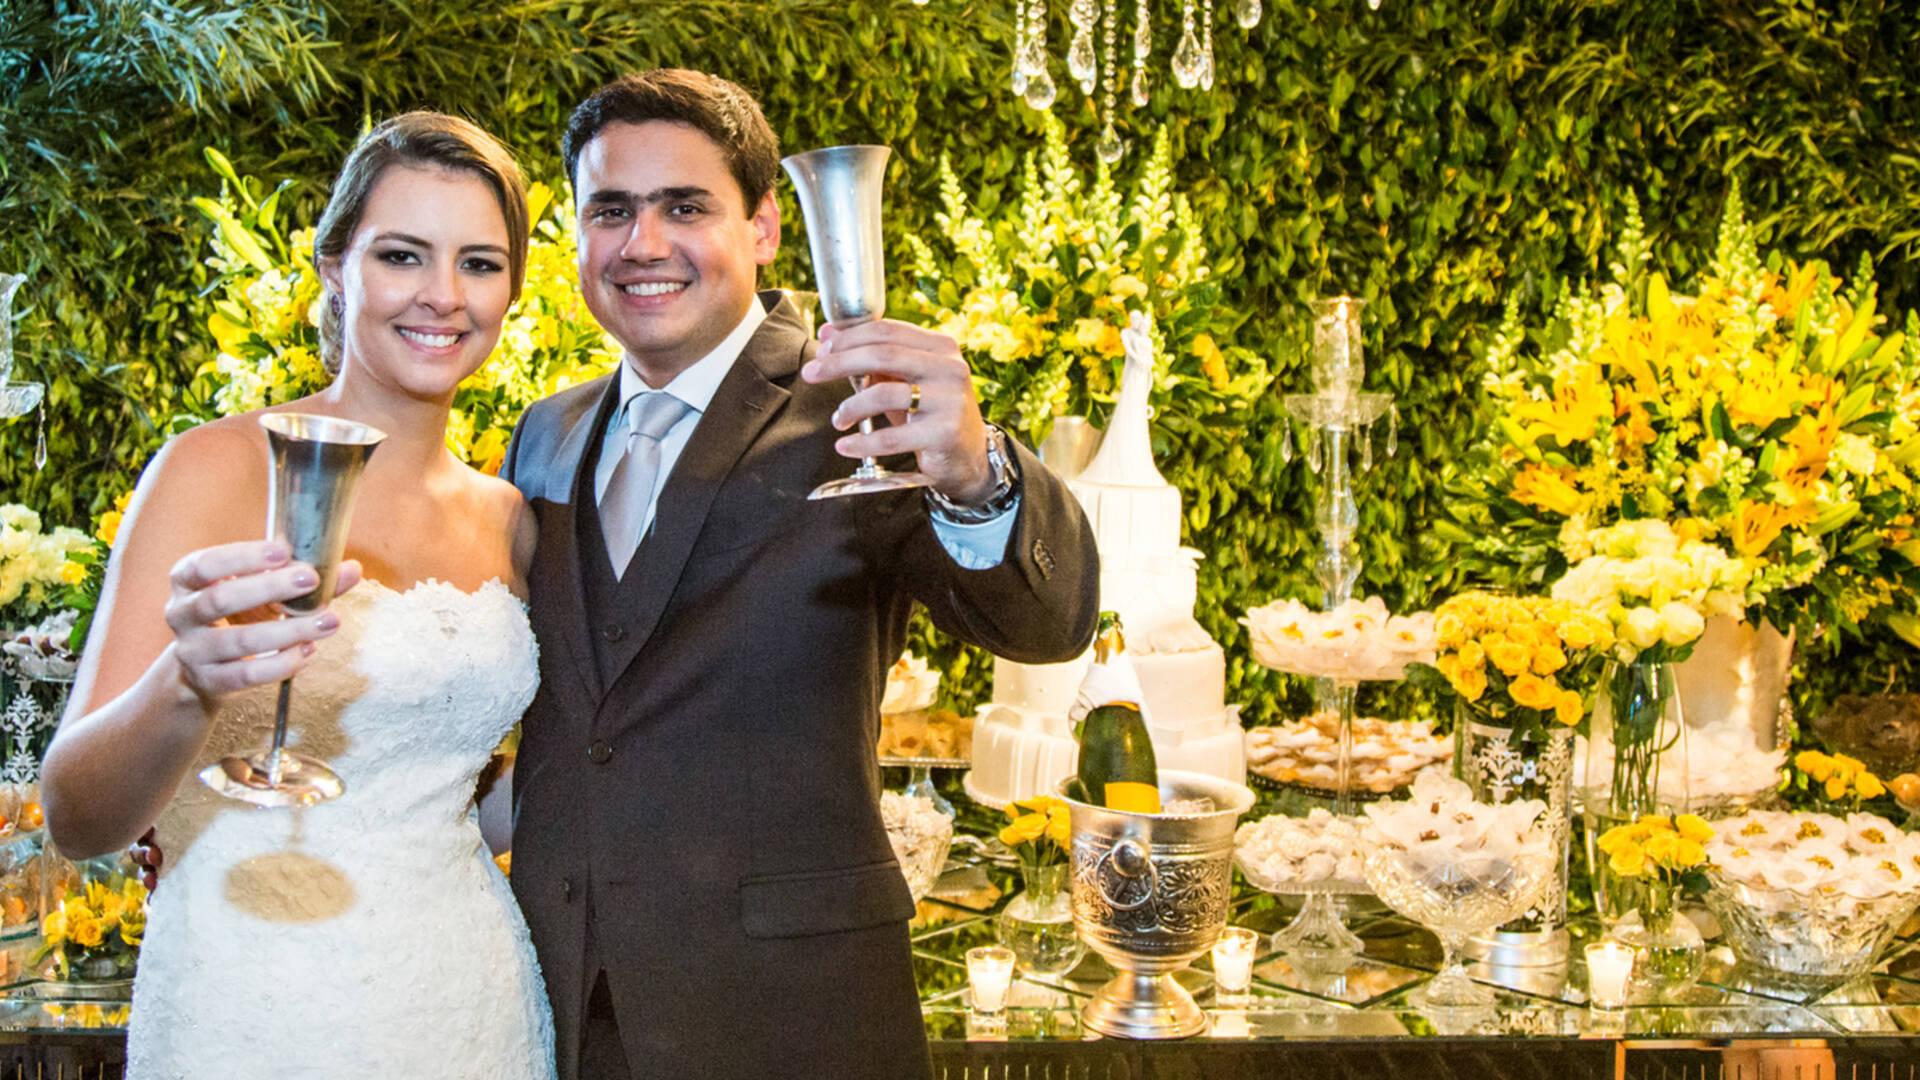 casamento de Marcelo e Moira